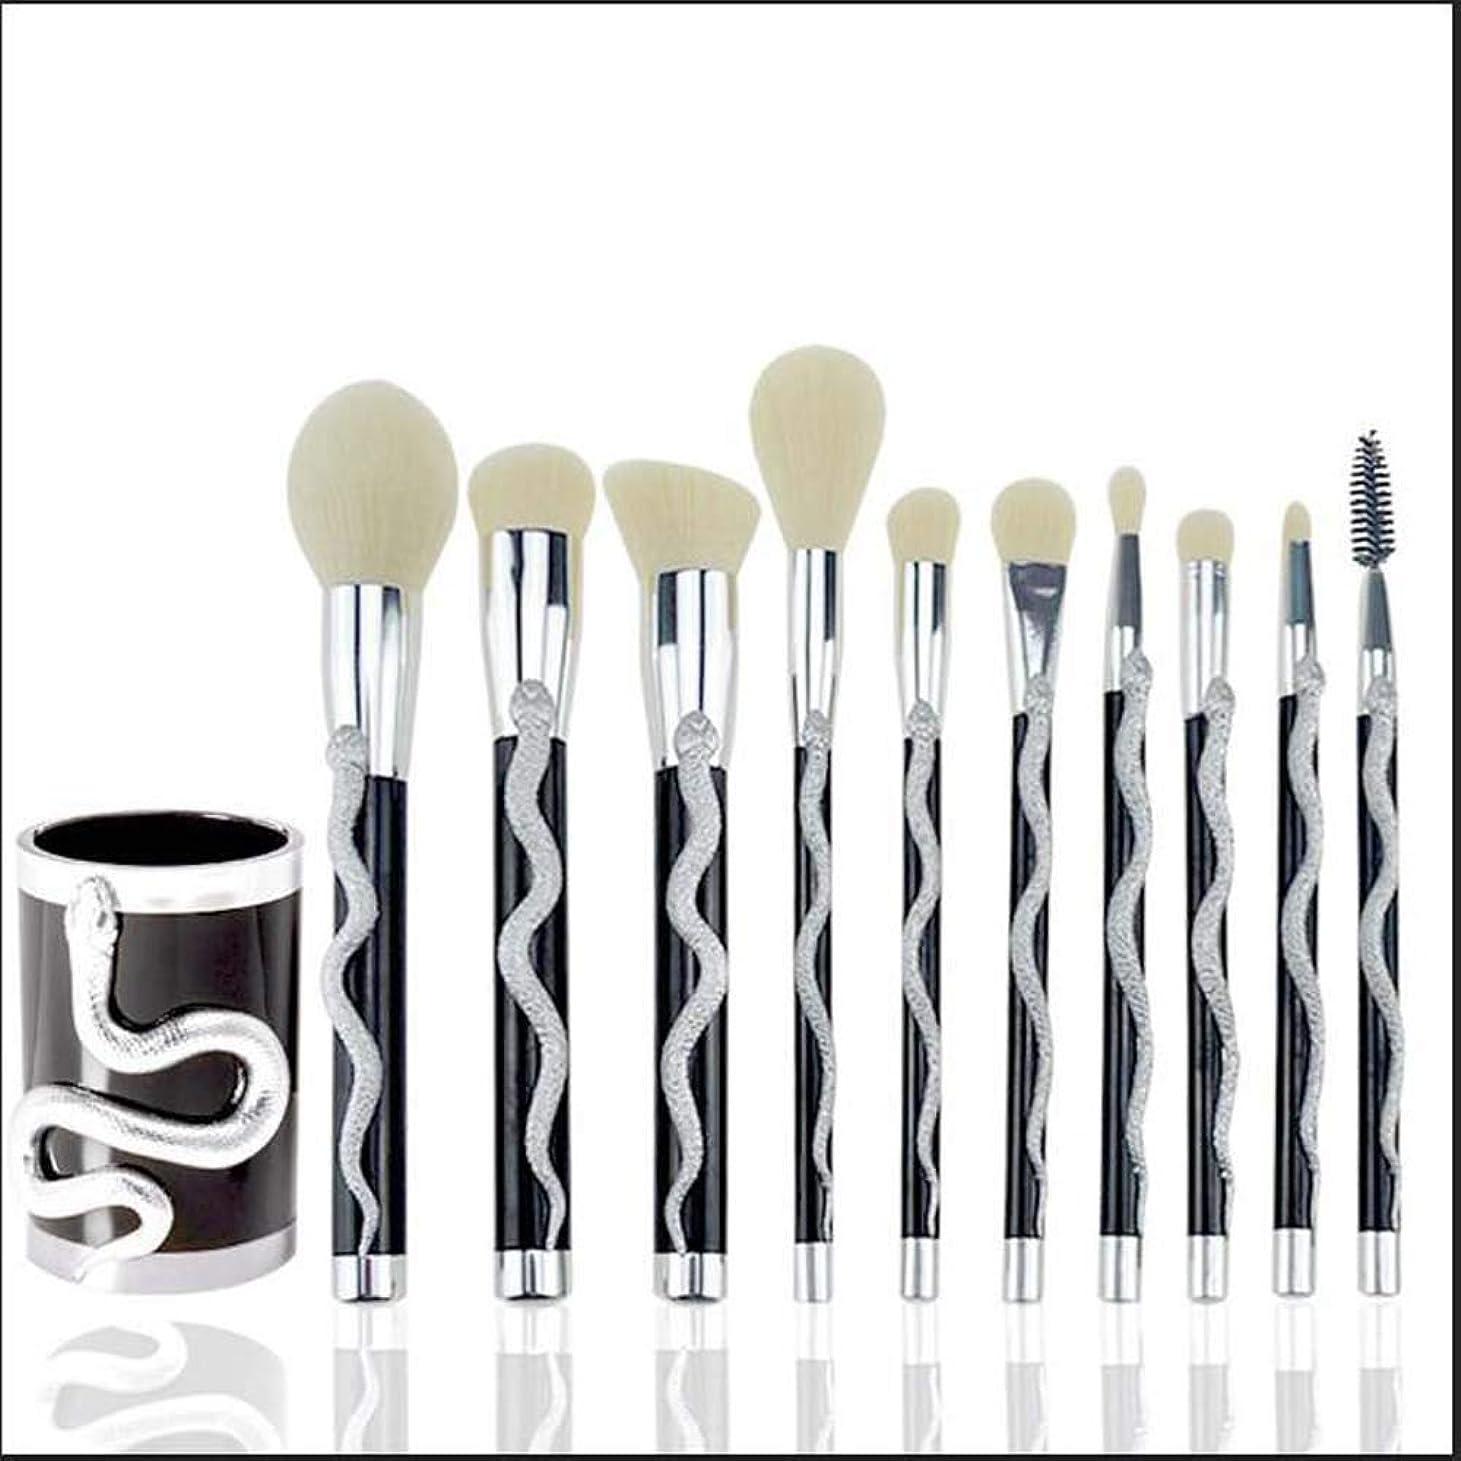 コンパニオン医学文化ヘビ型レーヨン化粧ブラシ美容ツール,Silver